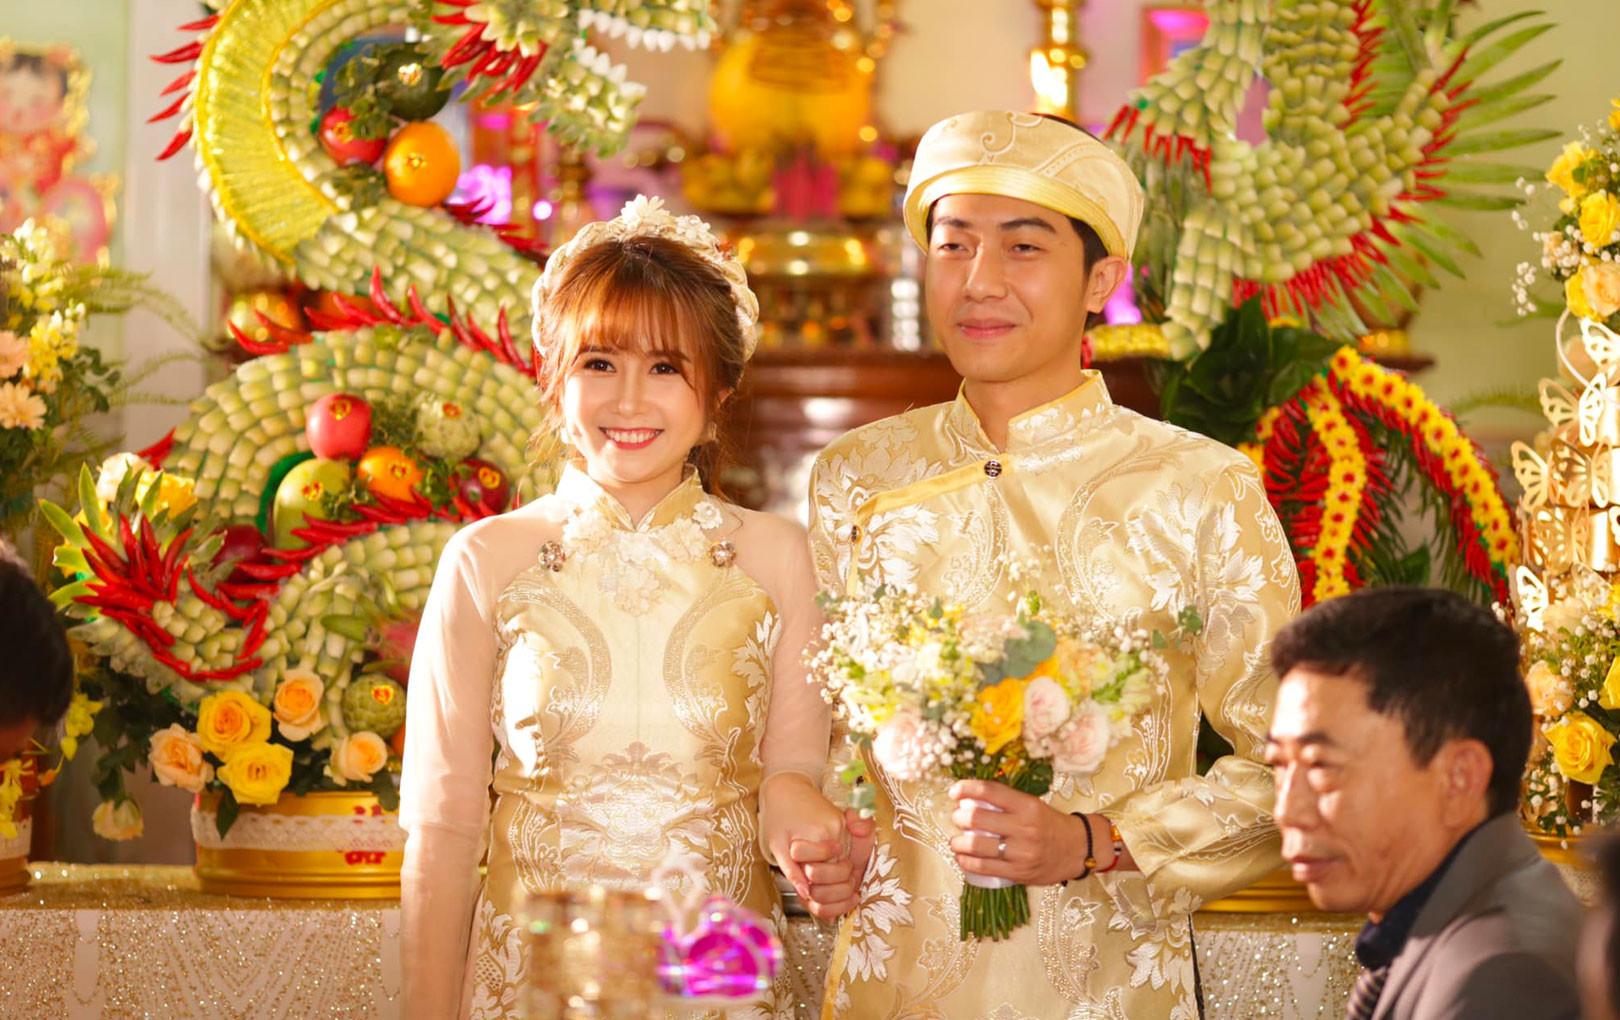 'Nhọ' như Cris Phan: Đăng ảnh cưới tình cảm, toàn bị BB Trần, Huy Cung vô hỏi 'Ủa không chơi 3D nữa hả anh?'